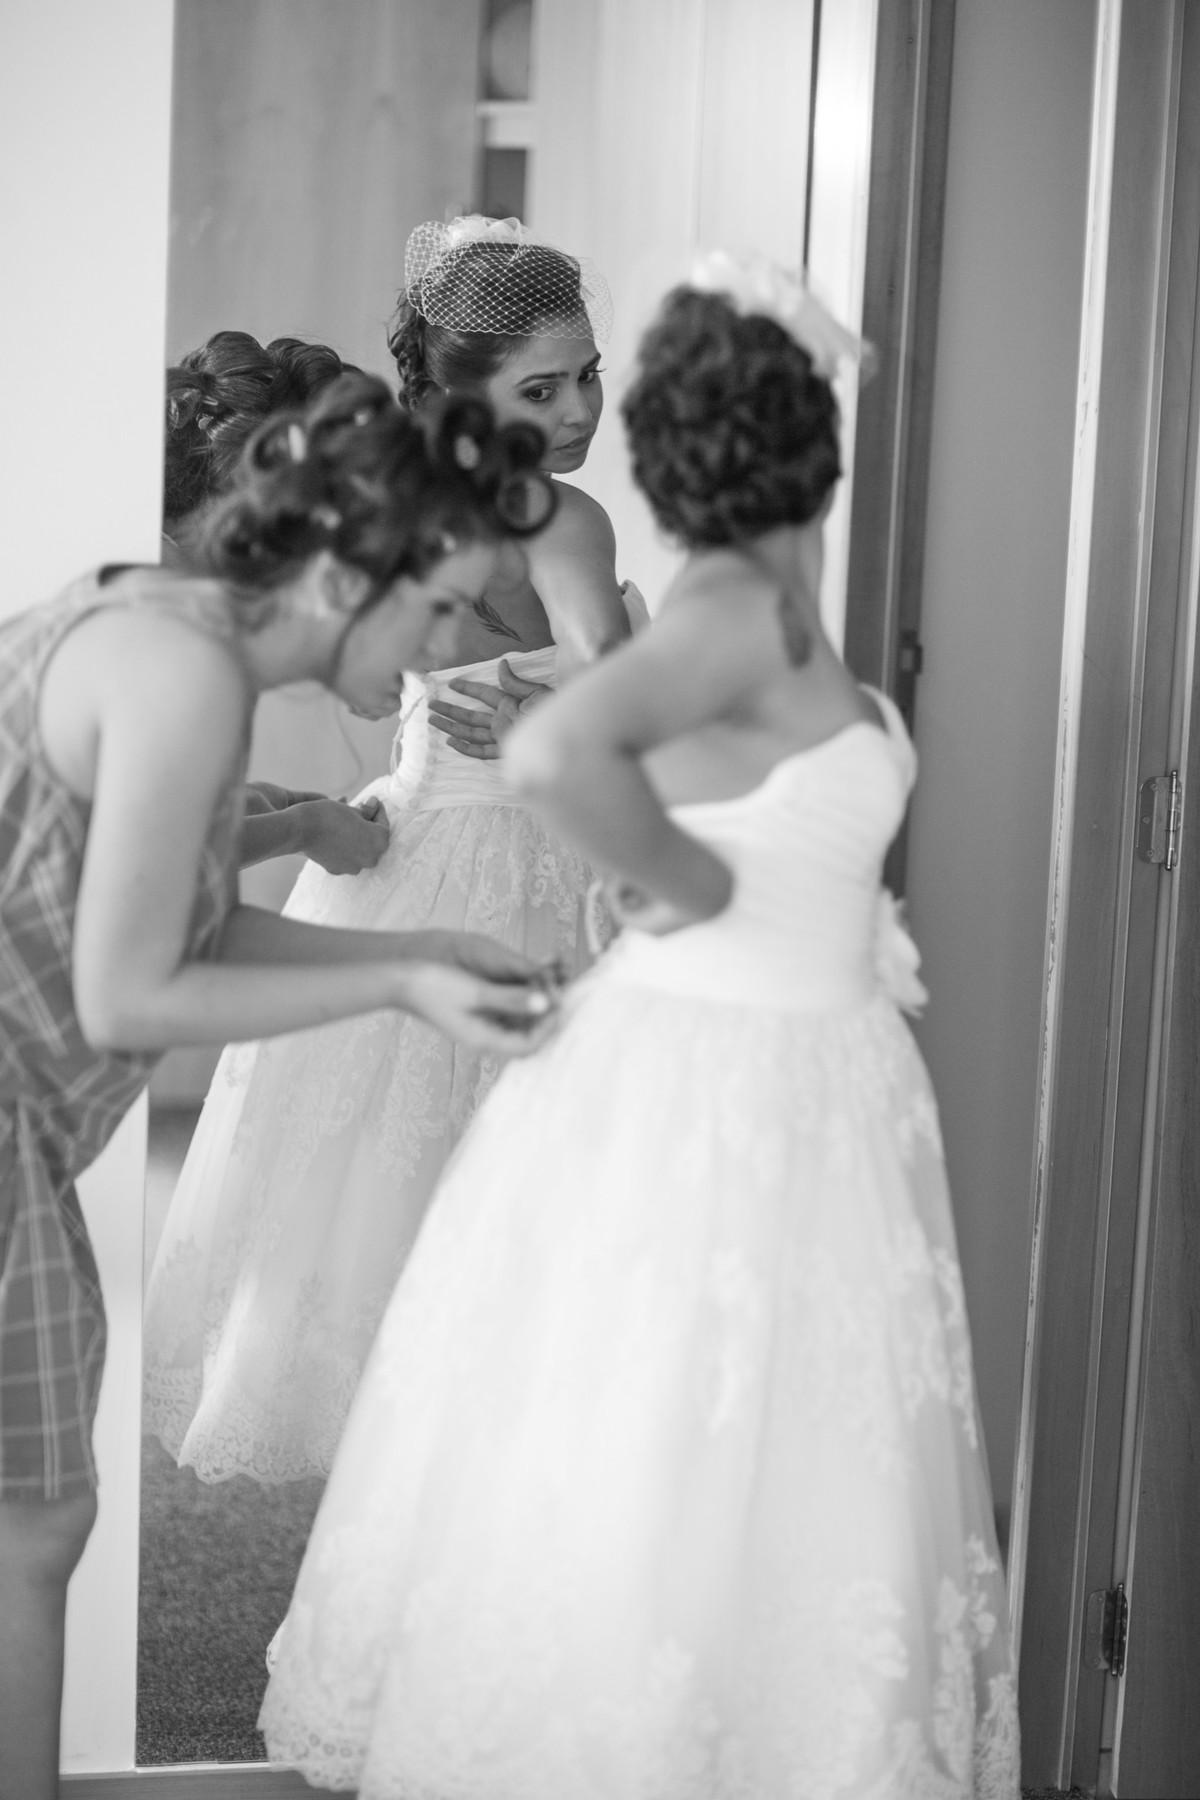 making of do casamento da Magá e do Marcelo clicado pelo fotografo Rafael Ohana em Brasilia-DF